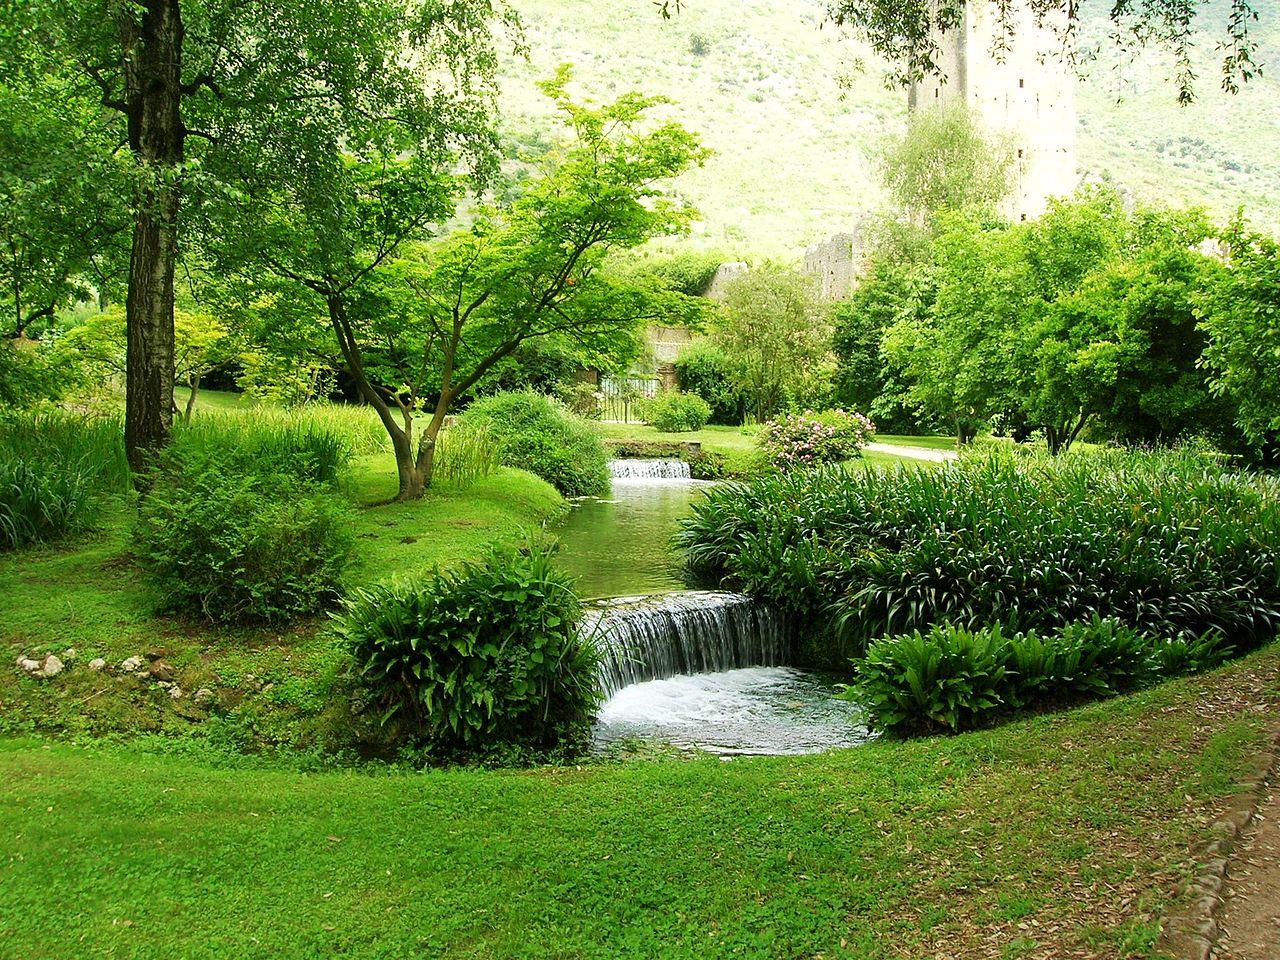 I ruscelli d'irrigazione costruiti a inizio Novecento dall'abile intuizione di Roffredo Caetani.